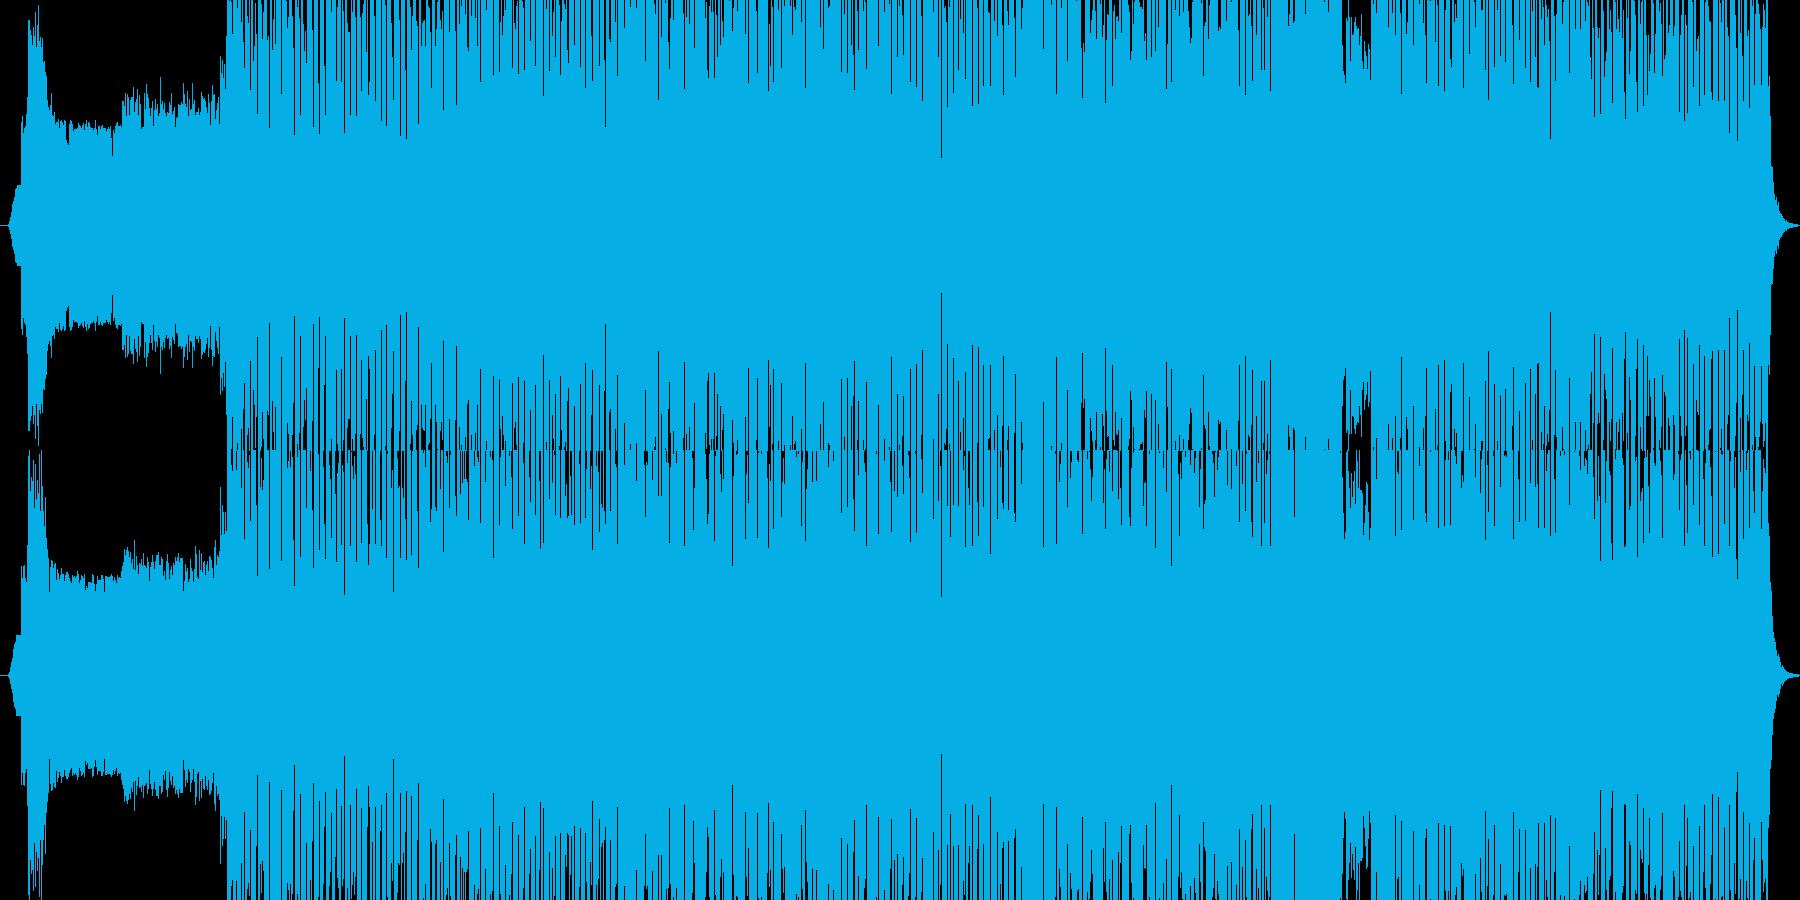 ハウスミュージック+EDMチューンの再生済みの波形